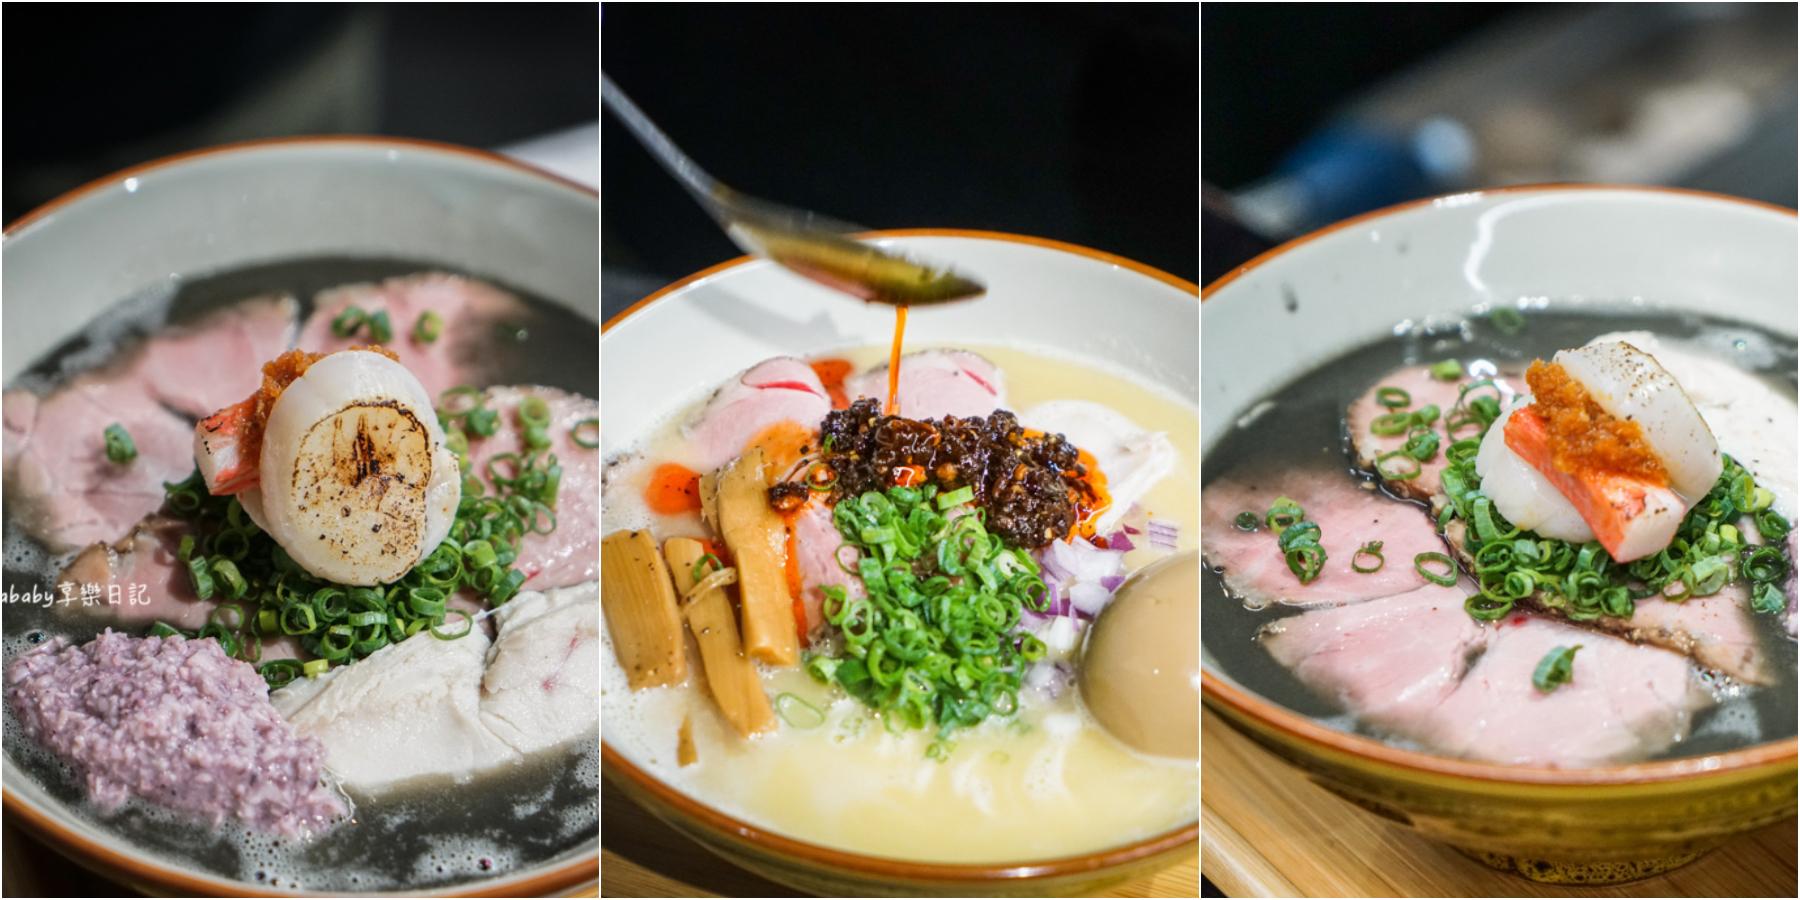 東門站 道地歐陸牛排館/電影明星法國主廚@O'Steak Taipei法國餐酒館 ♥ 質感極佳餐點:超親民US牛肉串 ♥ @梅格(Angelababy)享樂日記